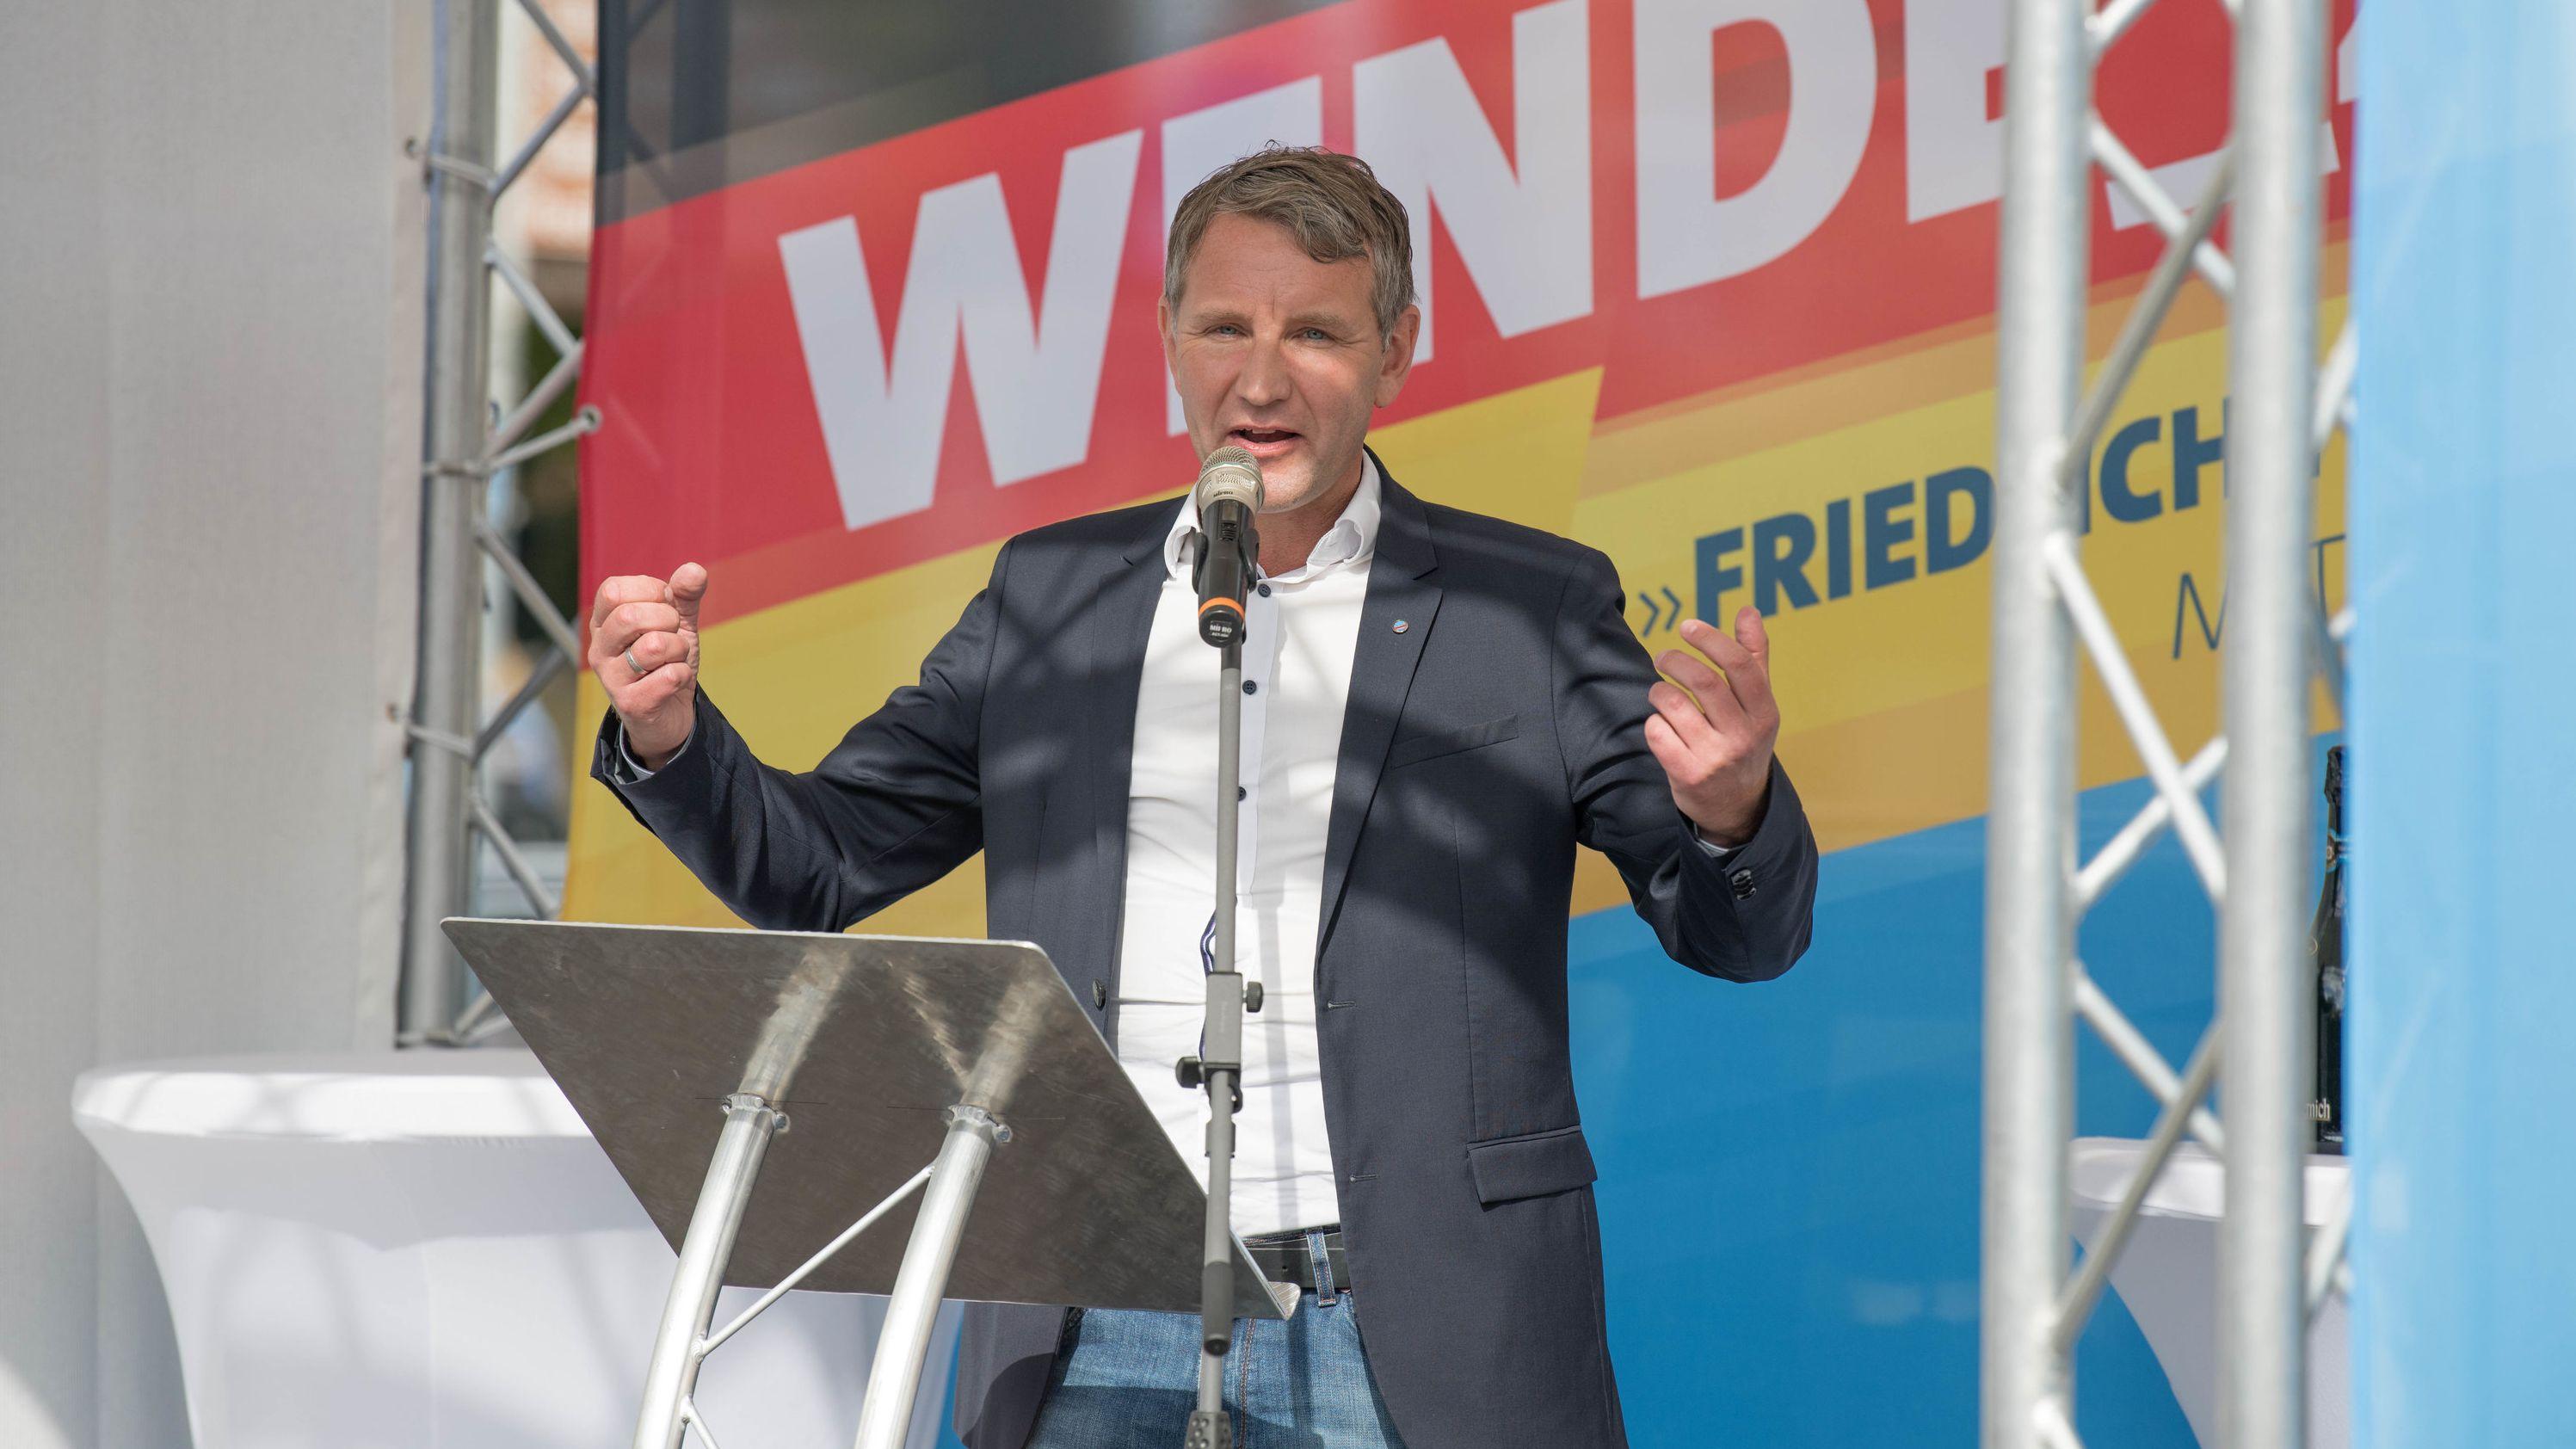 Björn Höcke (AfD), Landesvorsitzender Thüringen, spricht am 13.7.2019 in Cottbus beim Wahlkampfauftakt der AfD vor der Landtagswahl in Brandenburg.